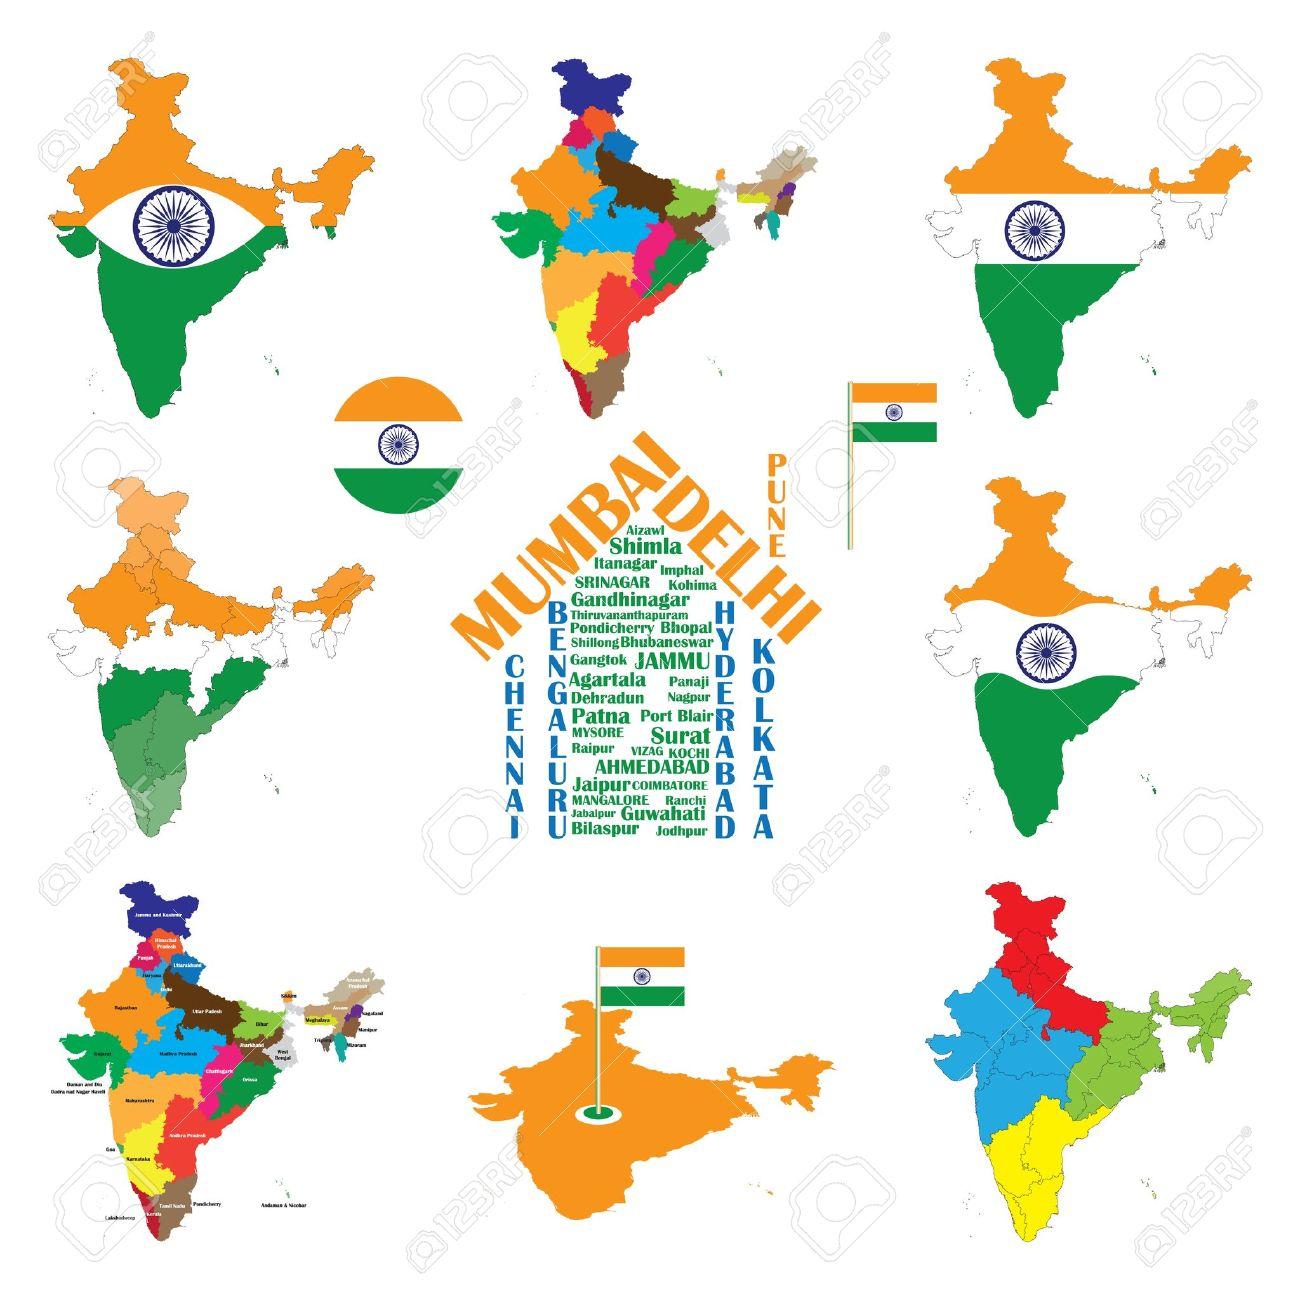 Carte De Linde Mysore.Carte De L Inde Avec Le Drapeau Indien Villes Indiennes Affiche